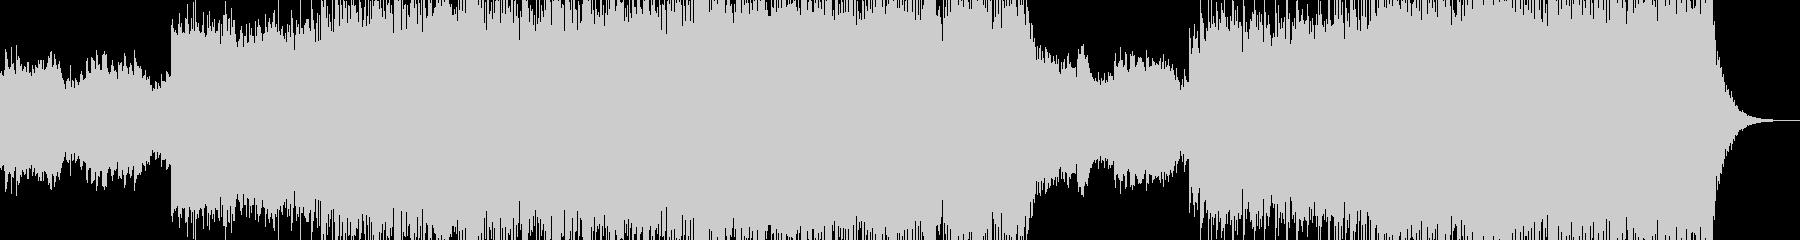 残響音を強くかけたポップロックインストの未再生の波形